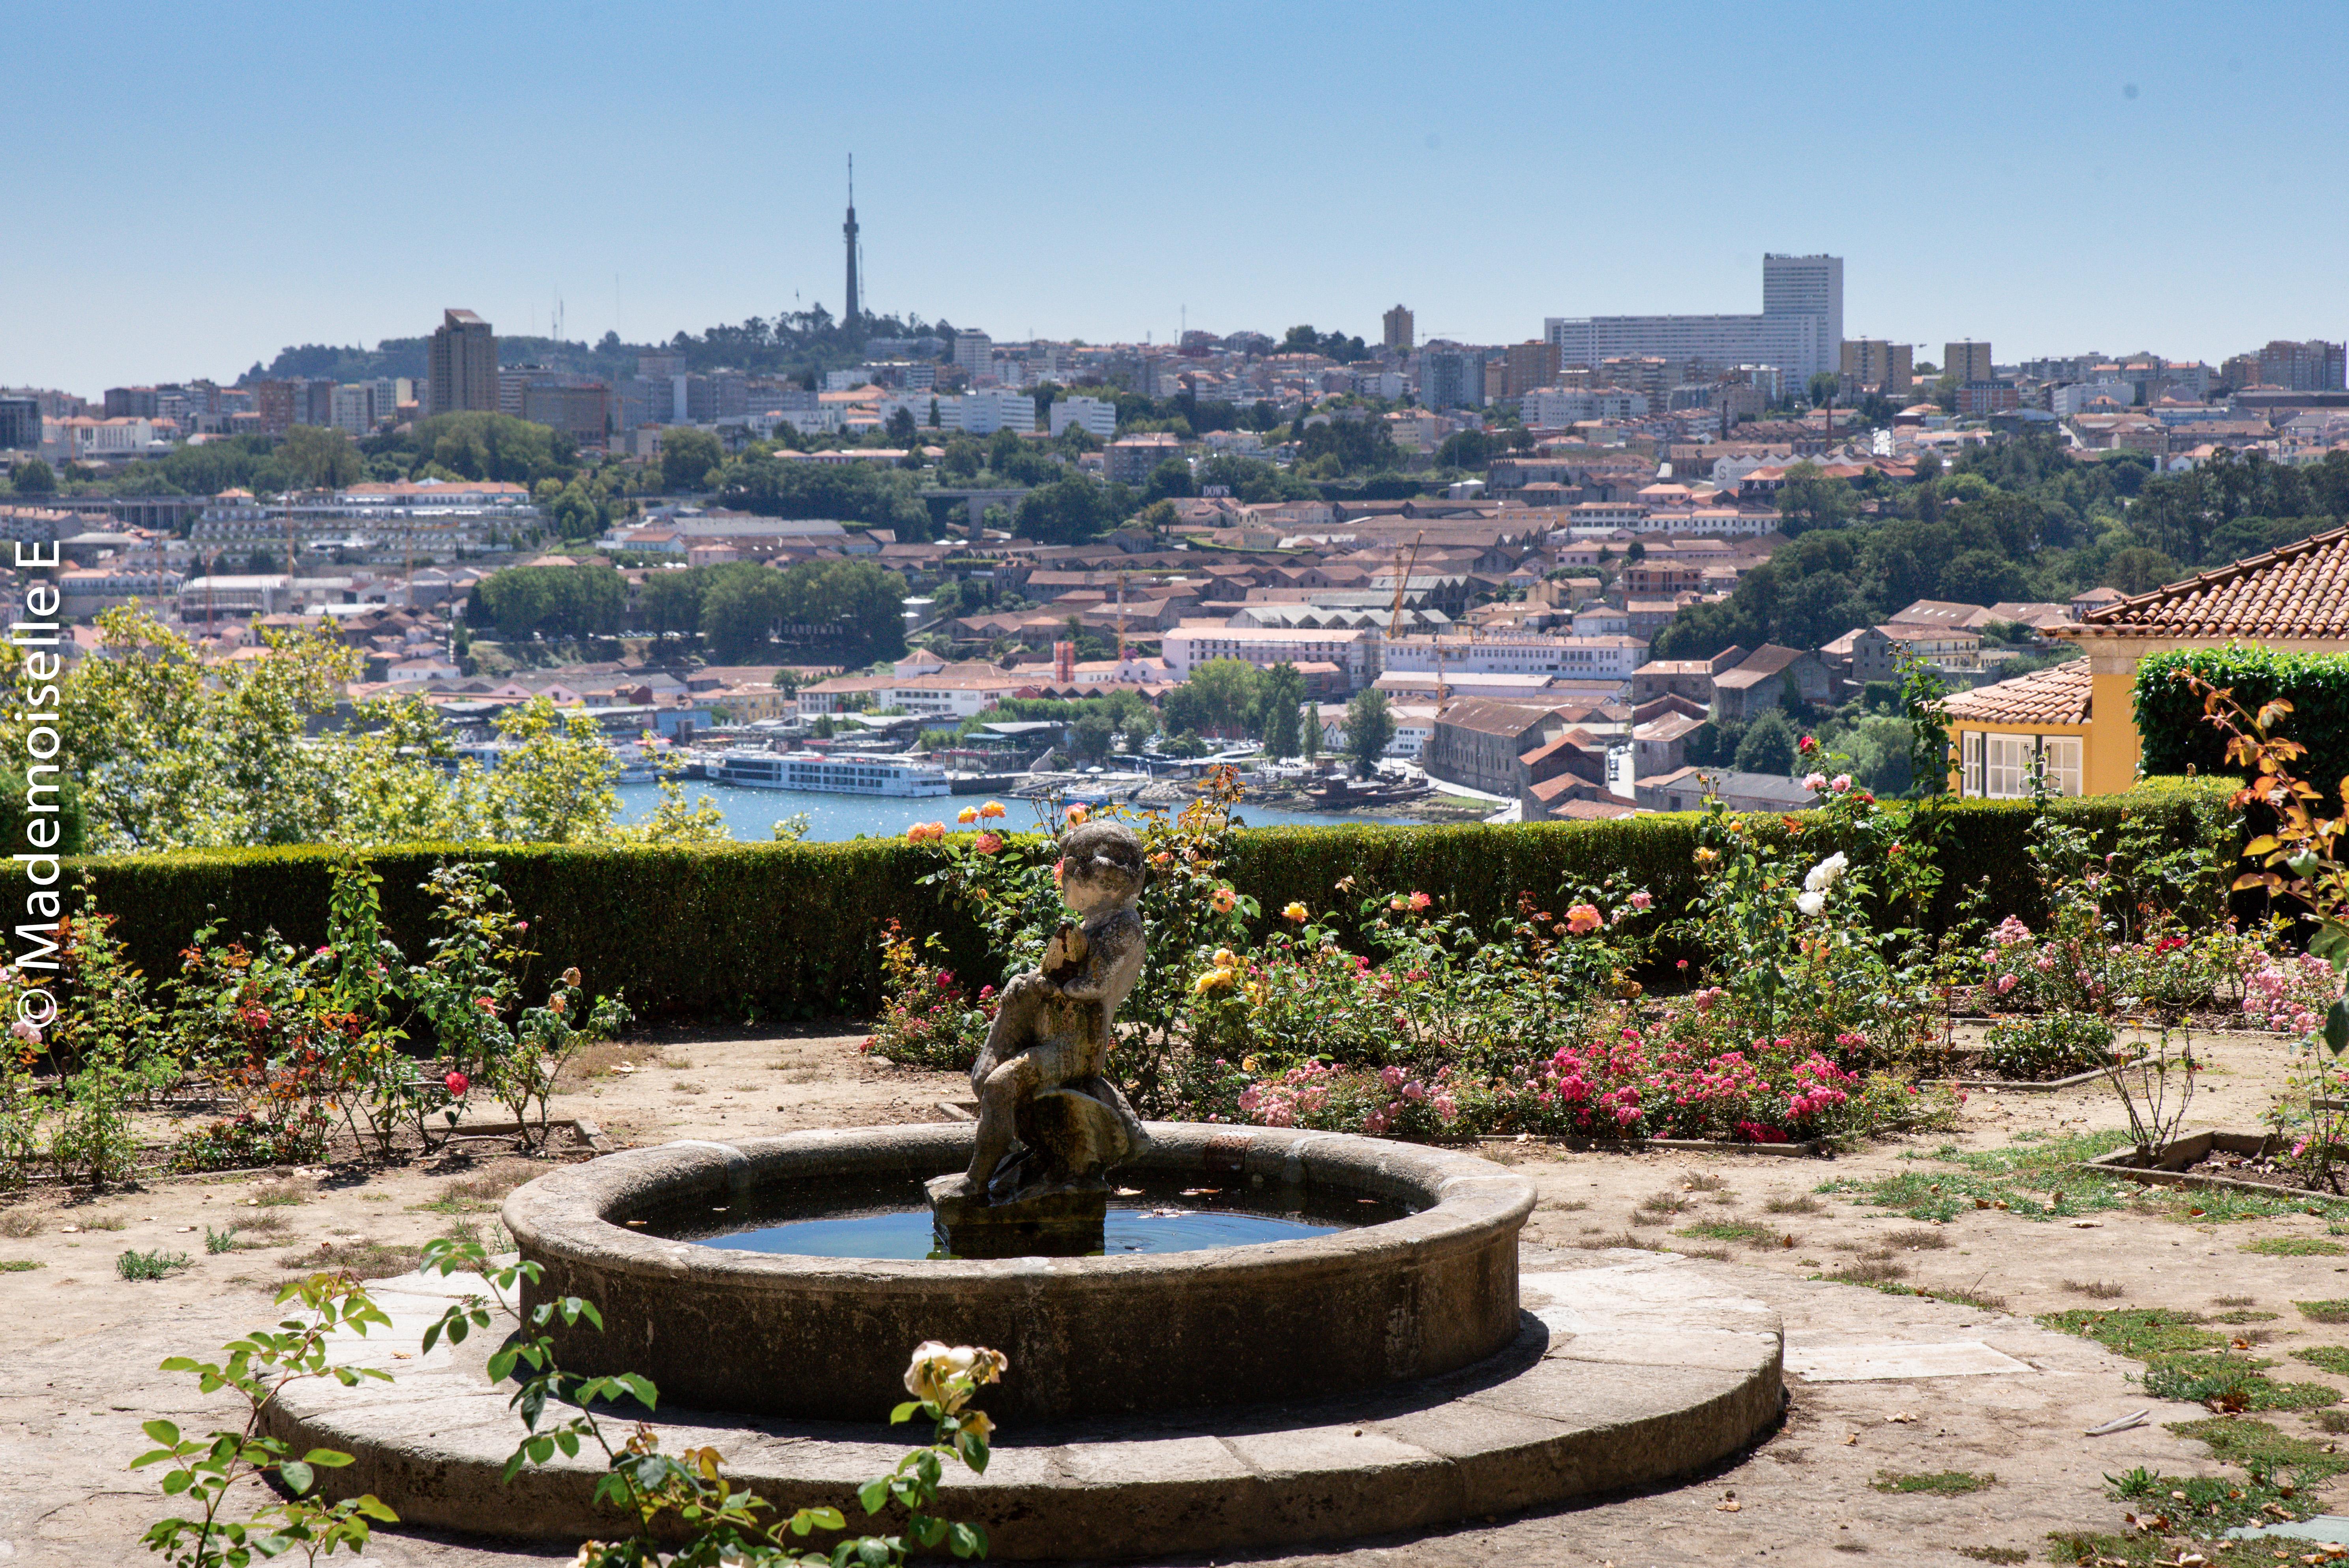 city_guide_porto_Jardins_du_Palácio_de_cristal_mademoiselle-e